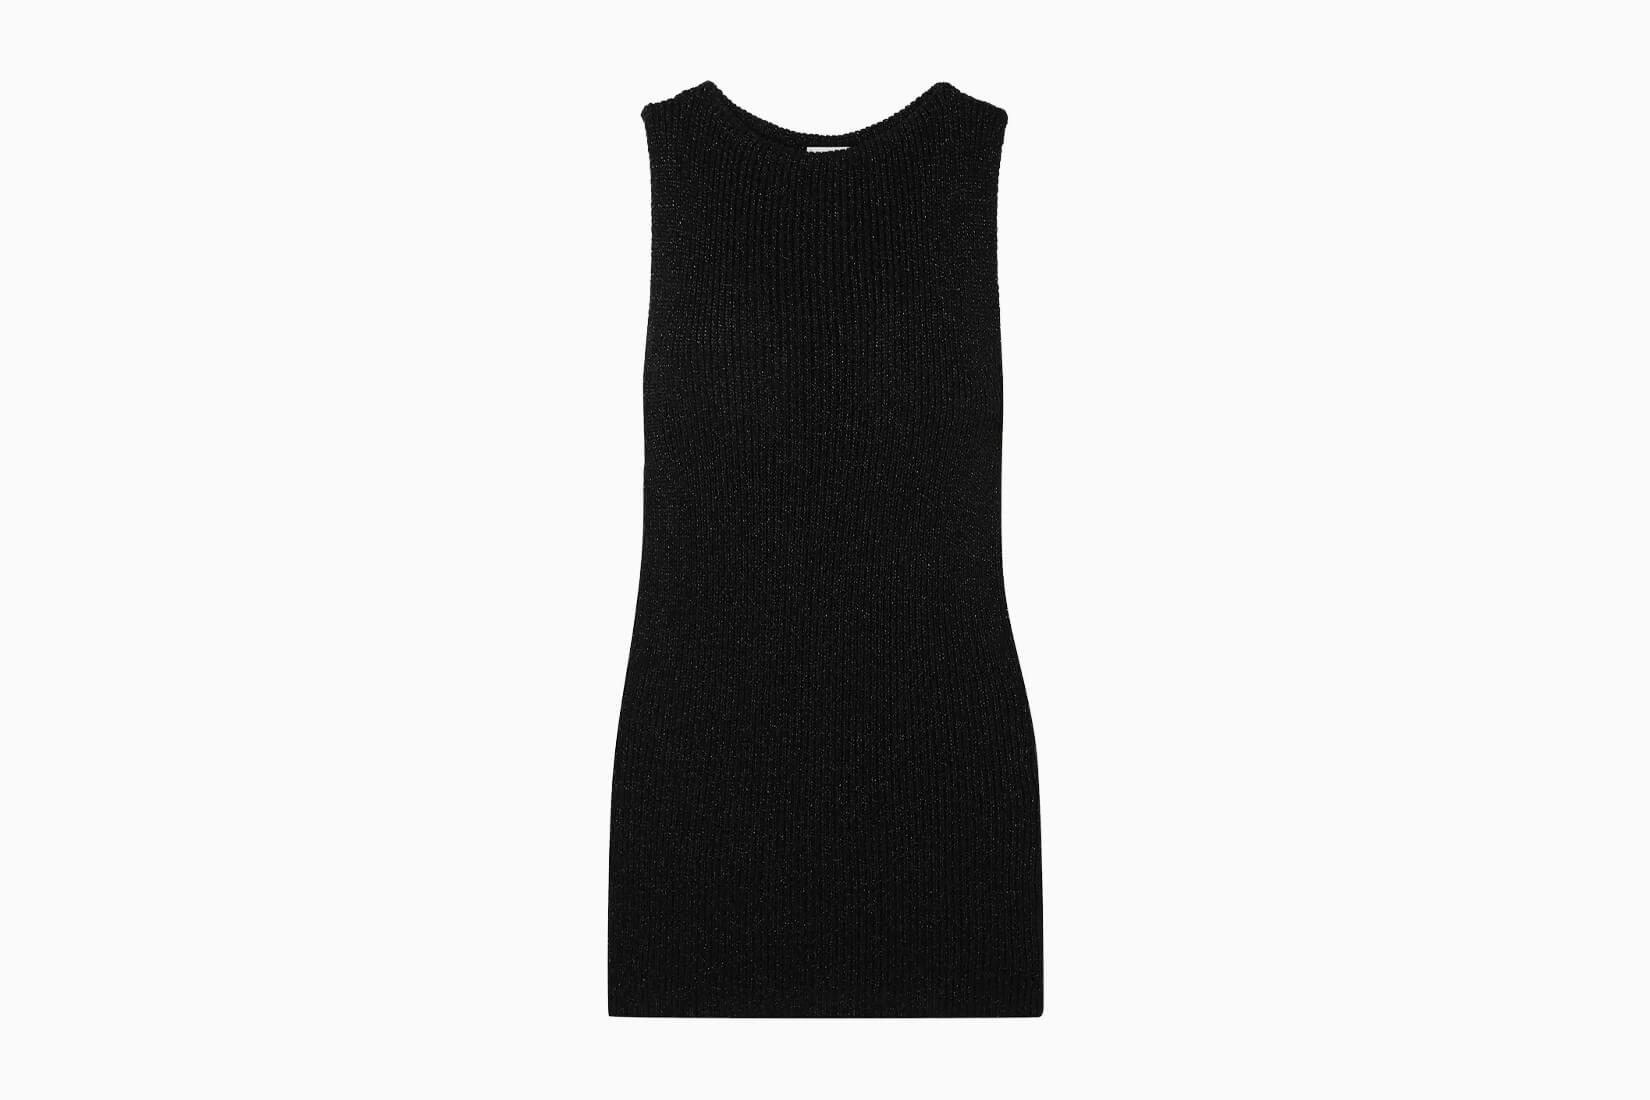 best little black dresses saint laurent - Luxe Digital